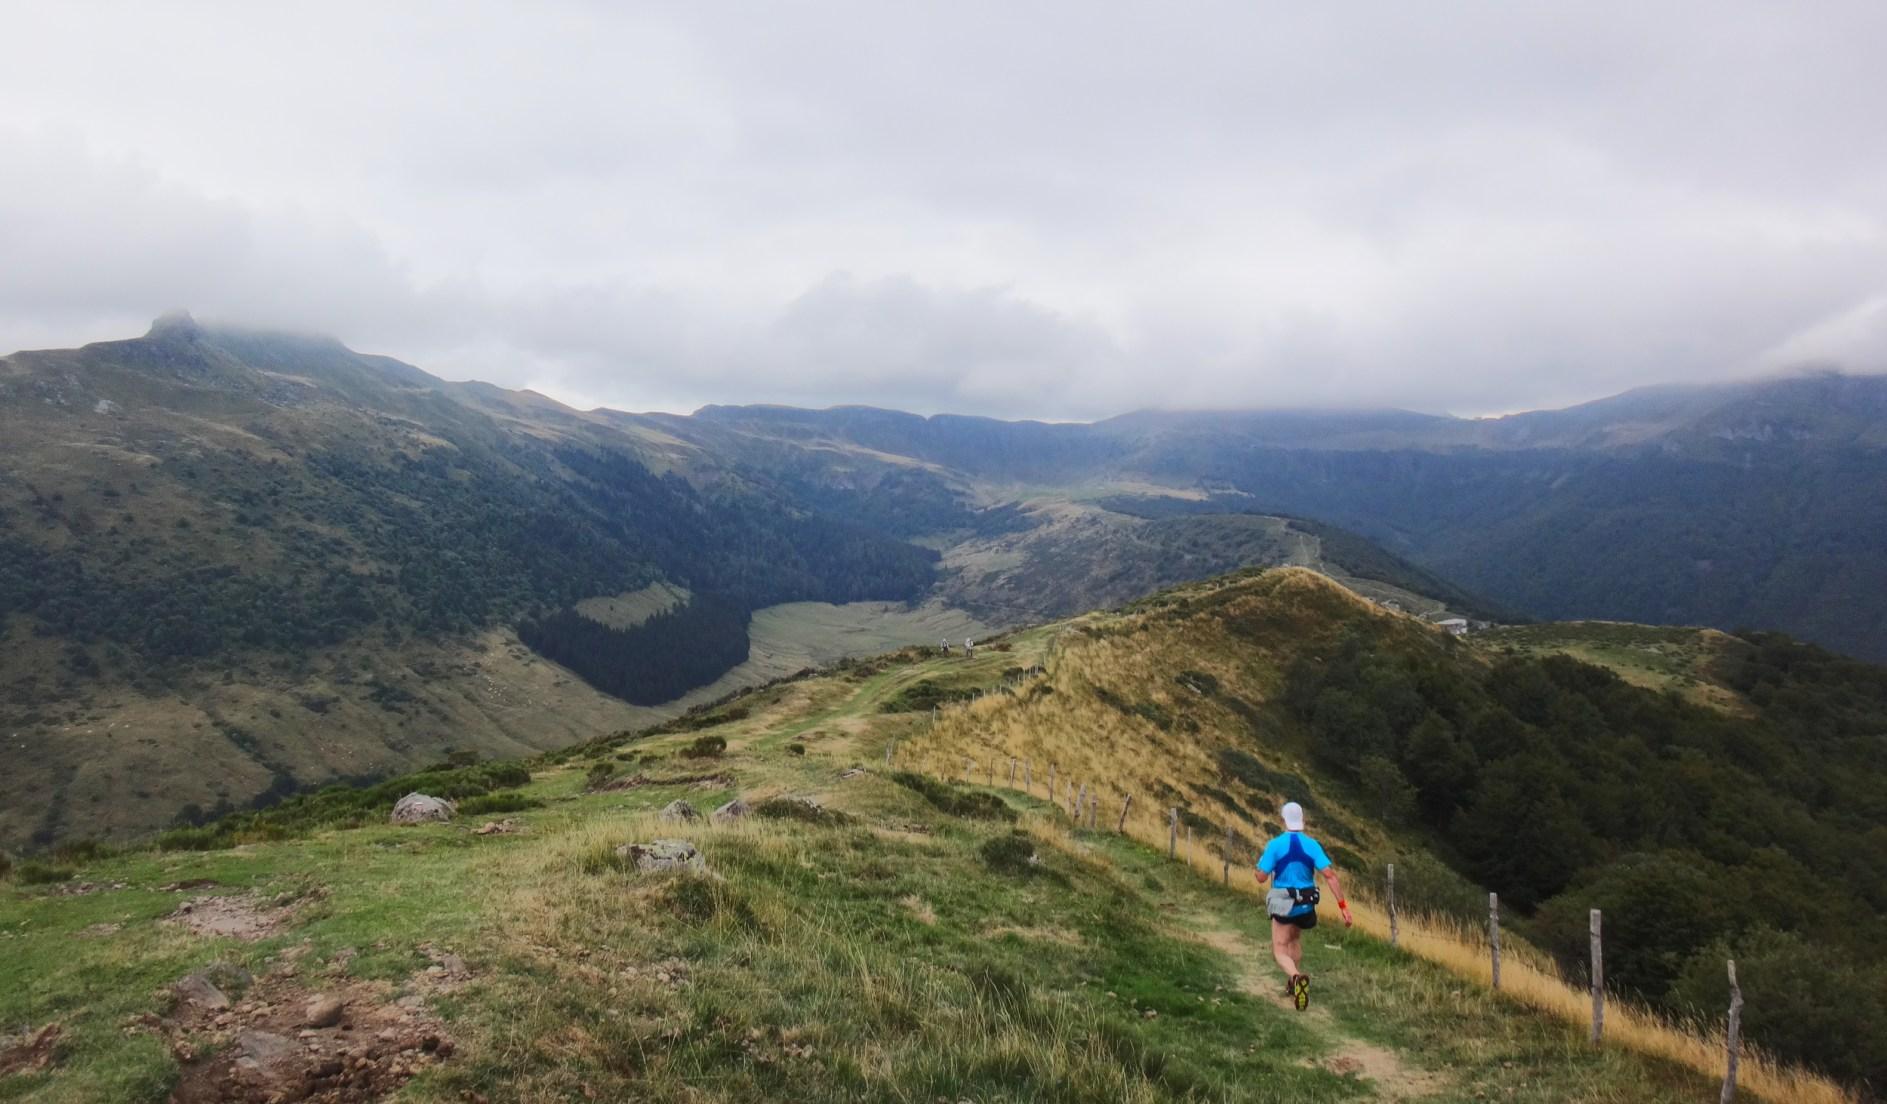 La descente vers le Col de Serre, le Puy Mary faisant toujours son timide.